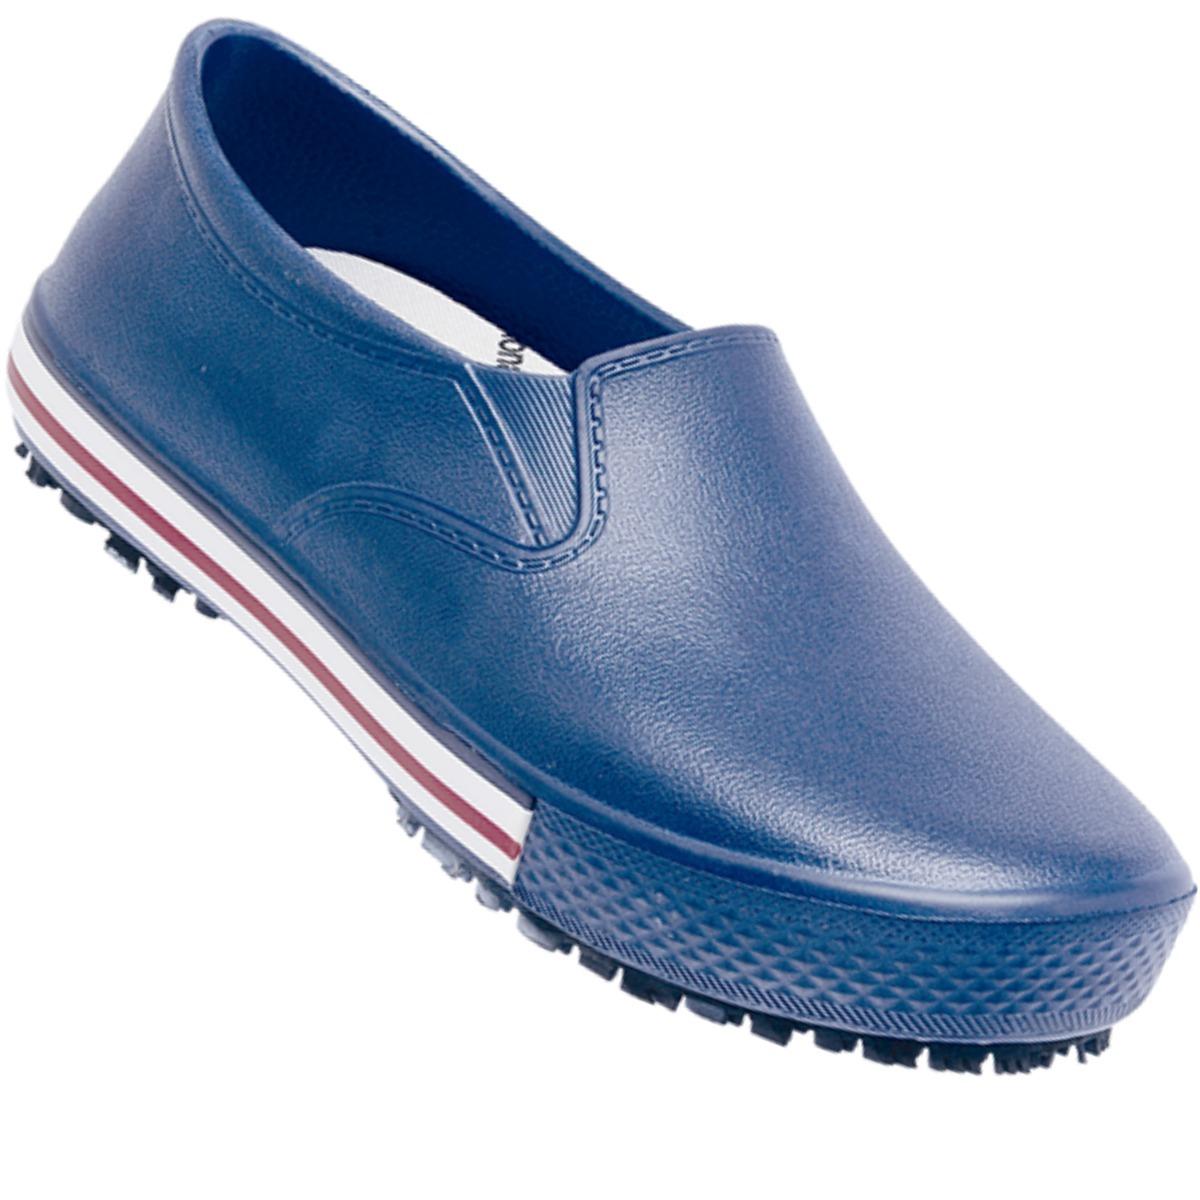 218065b3c4 Calçado De Segurança Tipo Tênis Softworks® Segurança - R  69